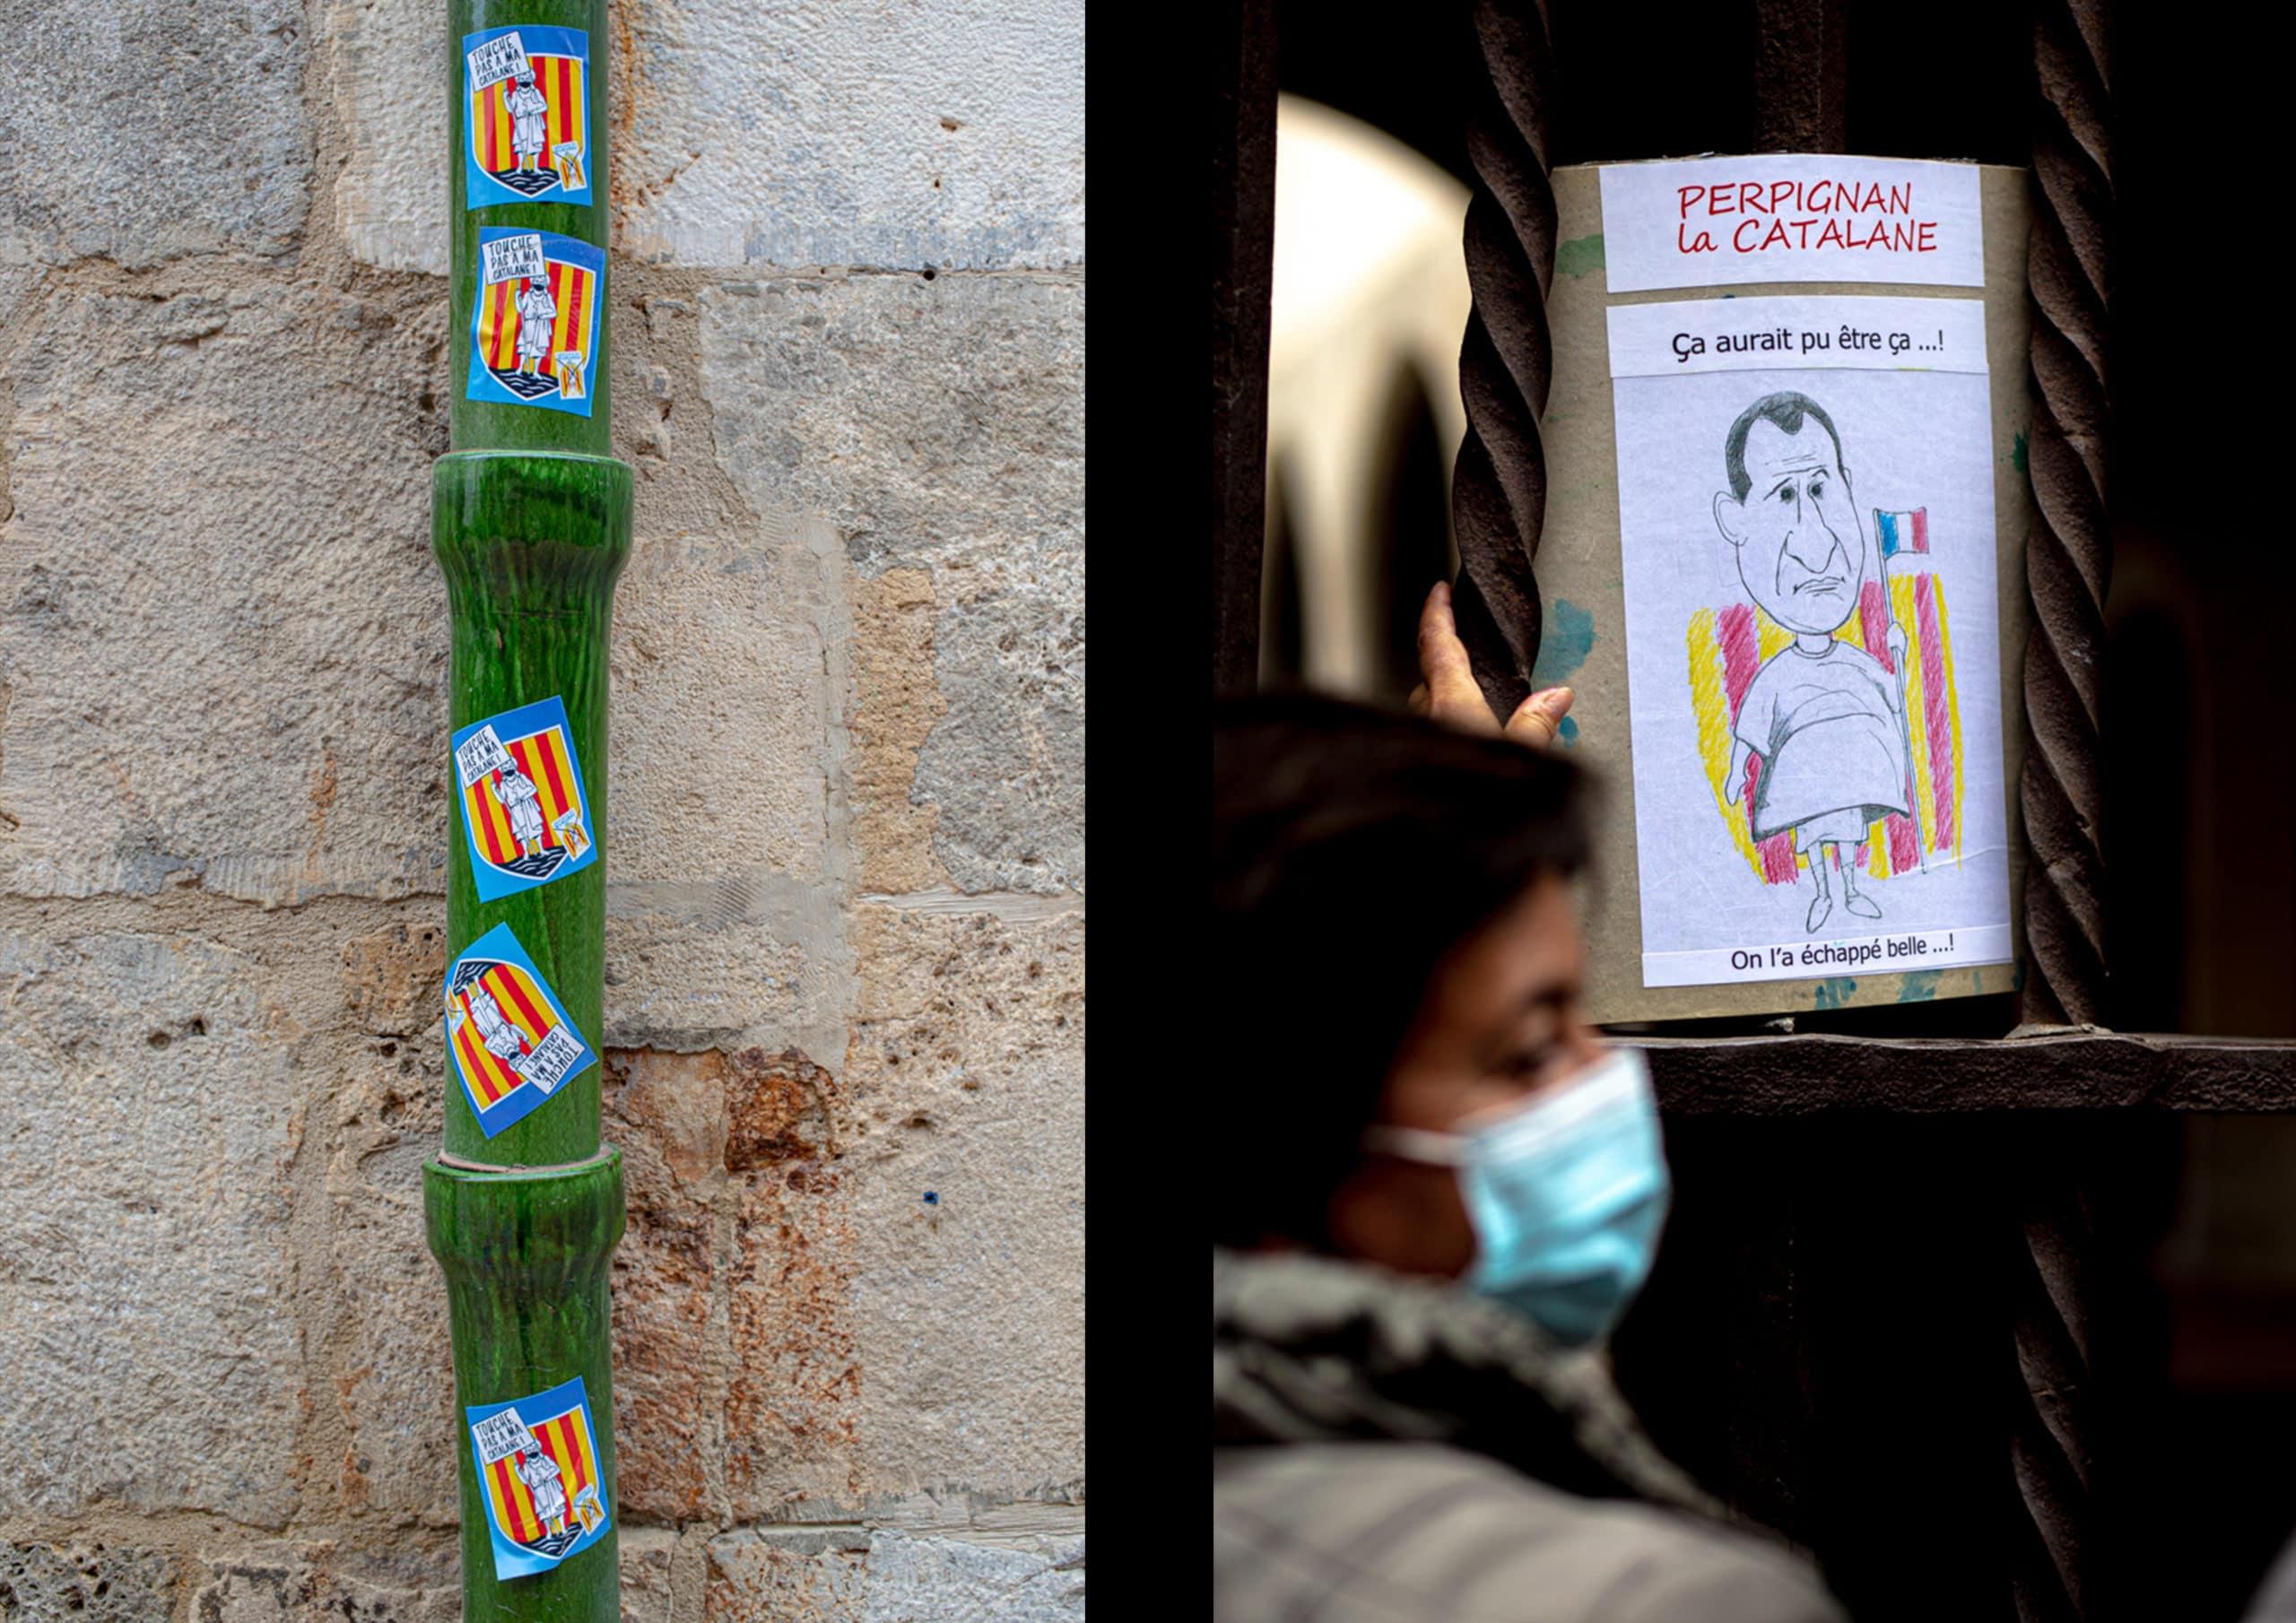 Manifestation contre le nouveau logo de Perpignan - Credit Idhir Baha